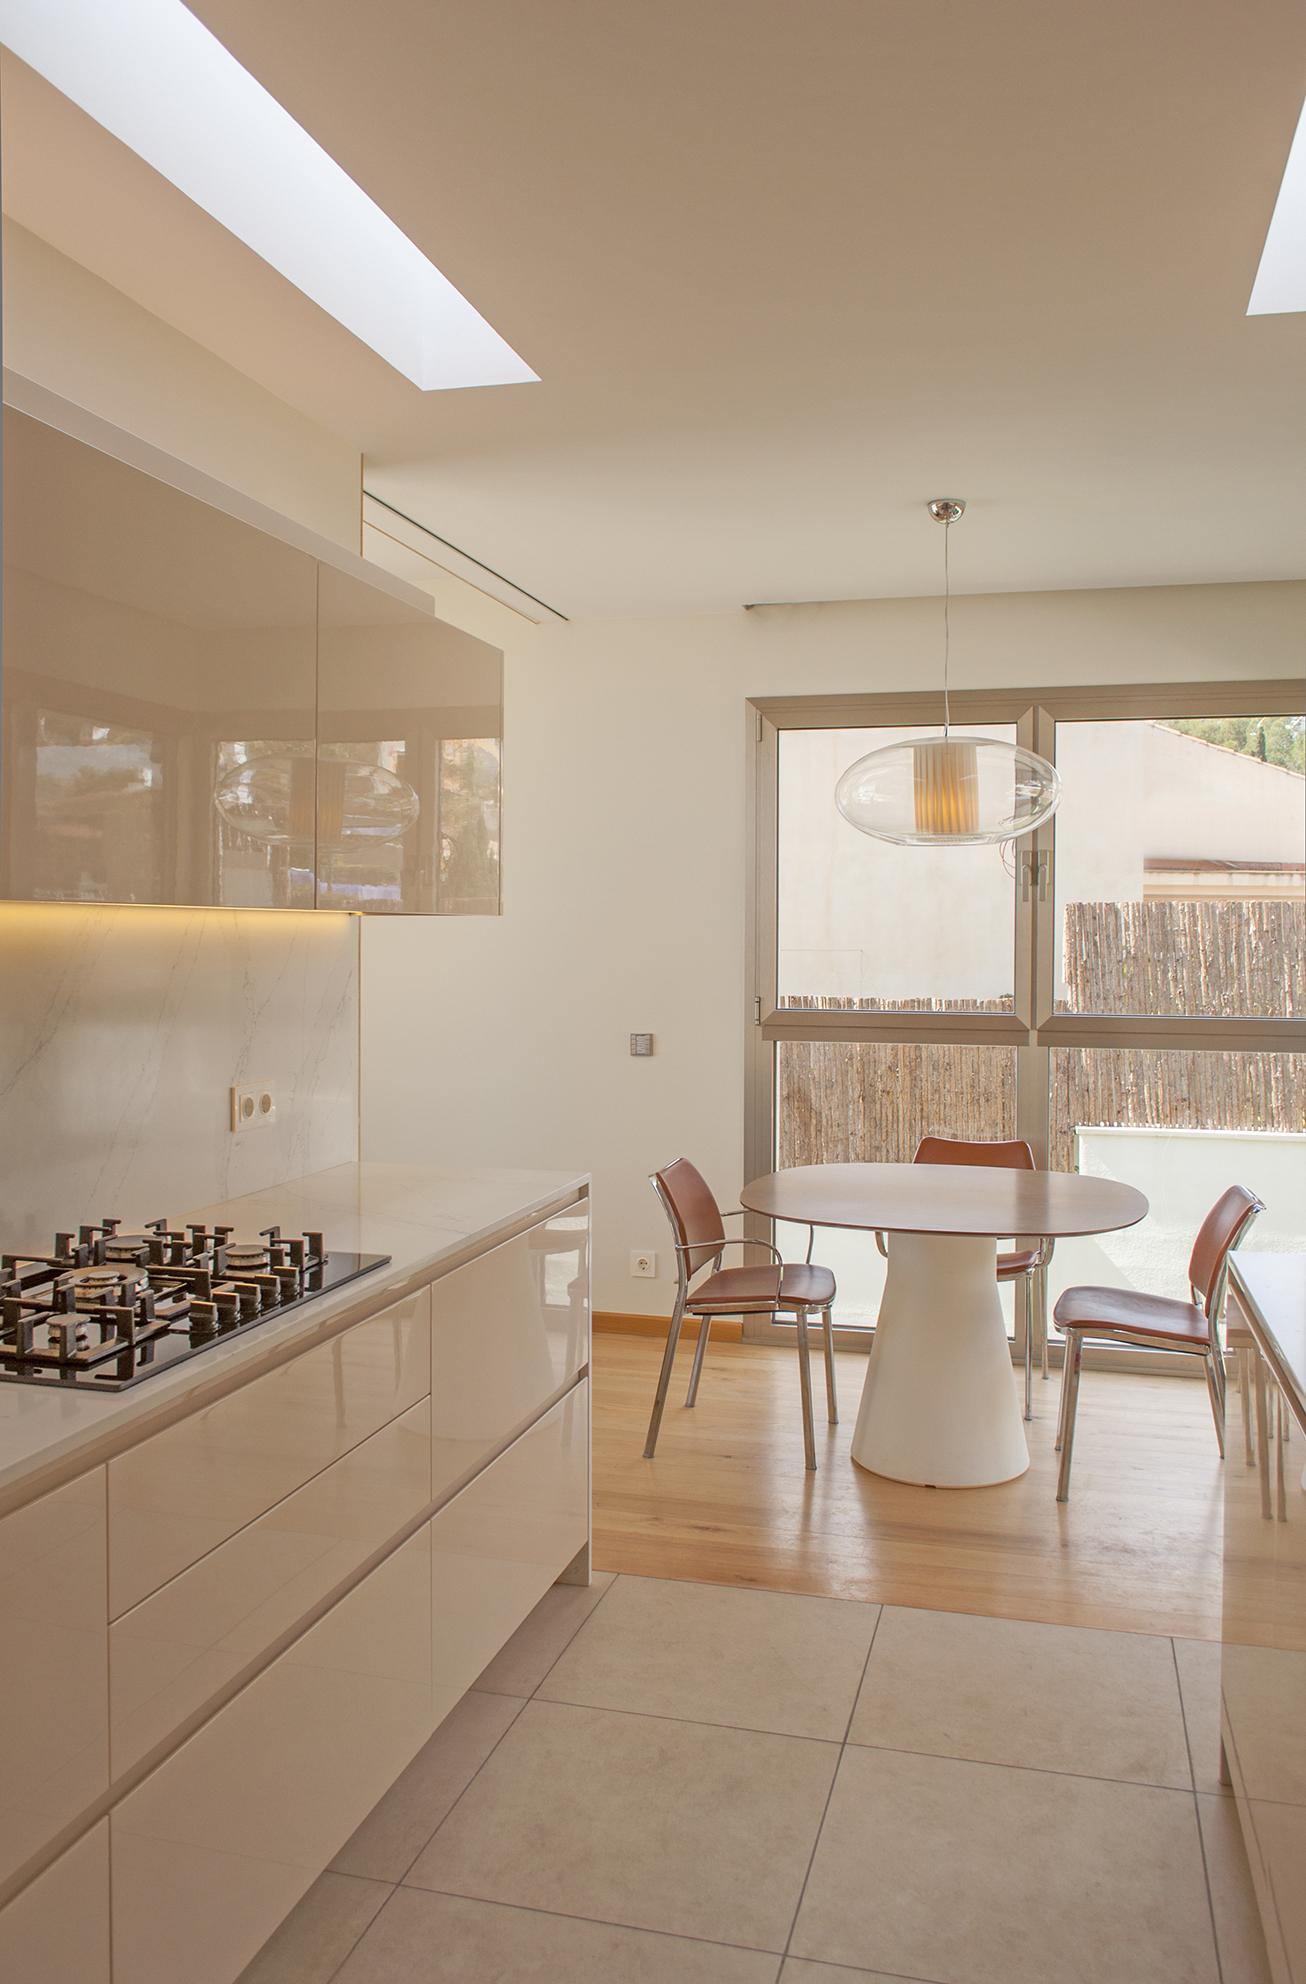 22-rardo-architects-houses-in-sitges-diseno-interior-comedor-cocina-iluminacion-luces